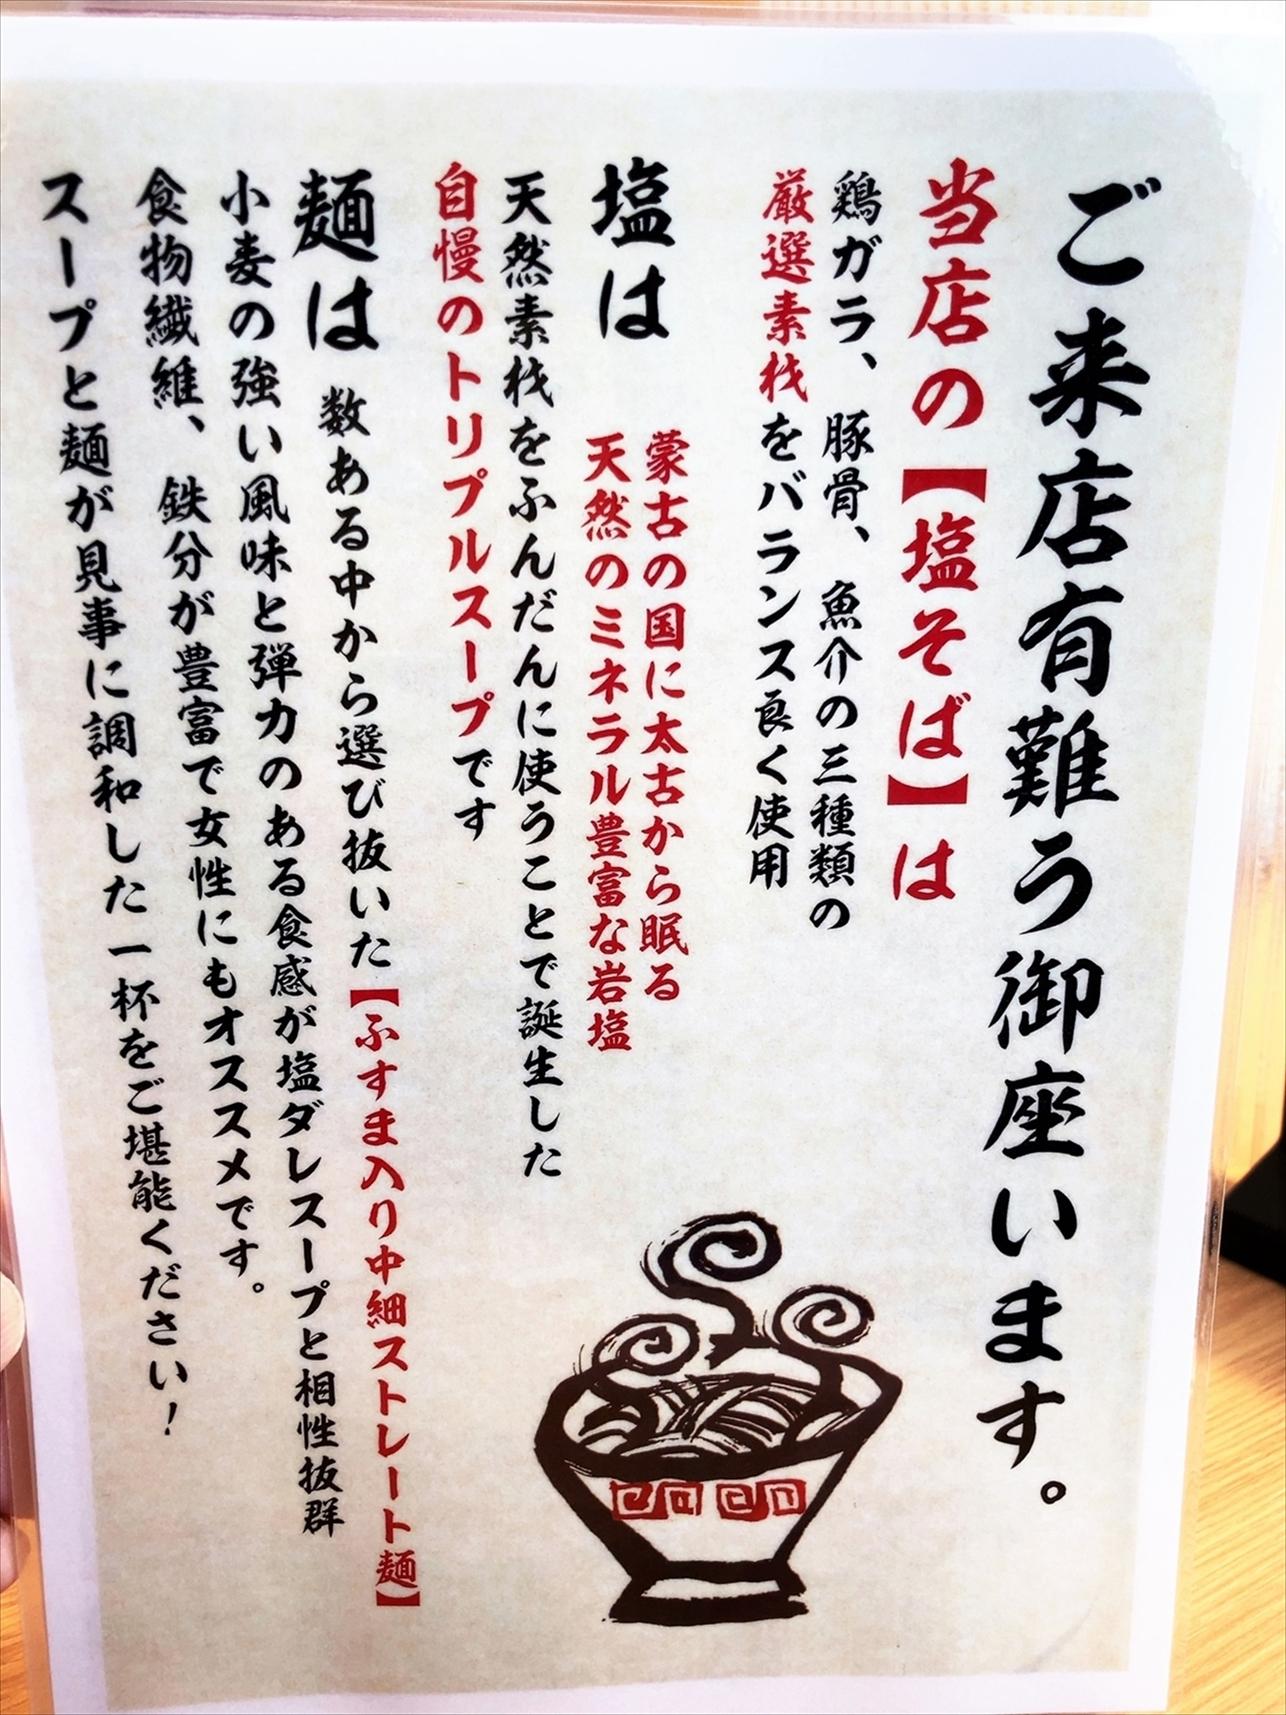 京都 麺や 向日葵のメニュー2